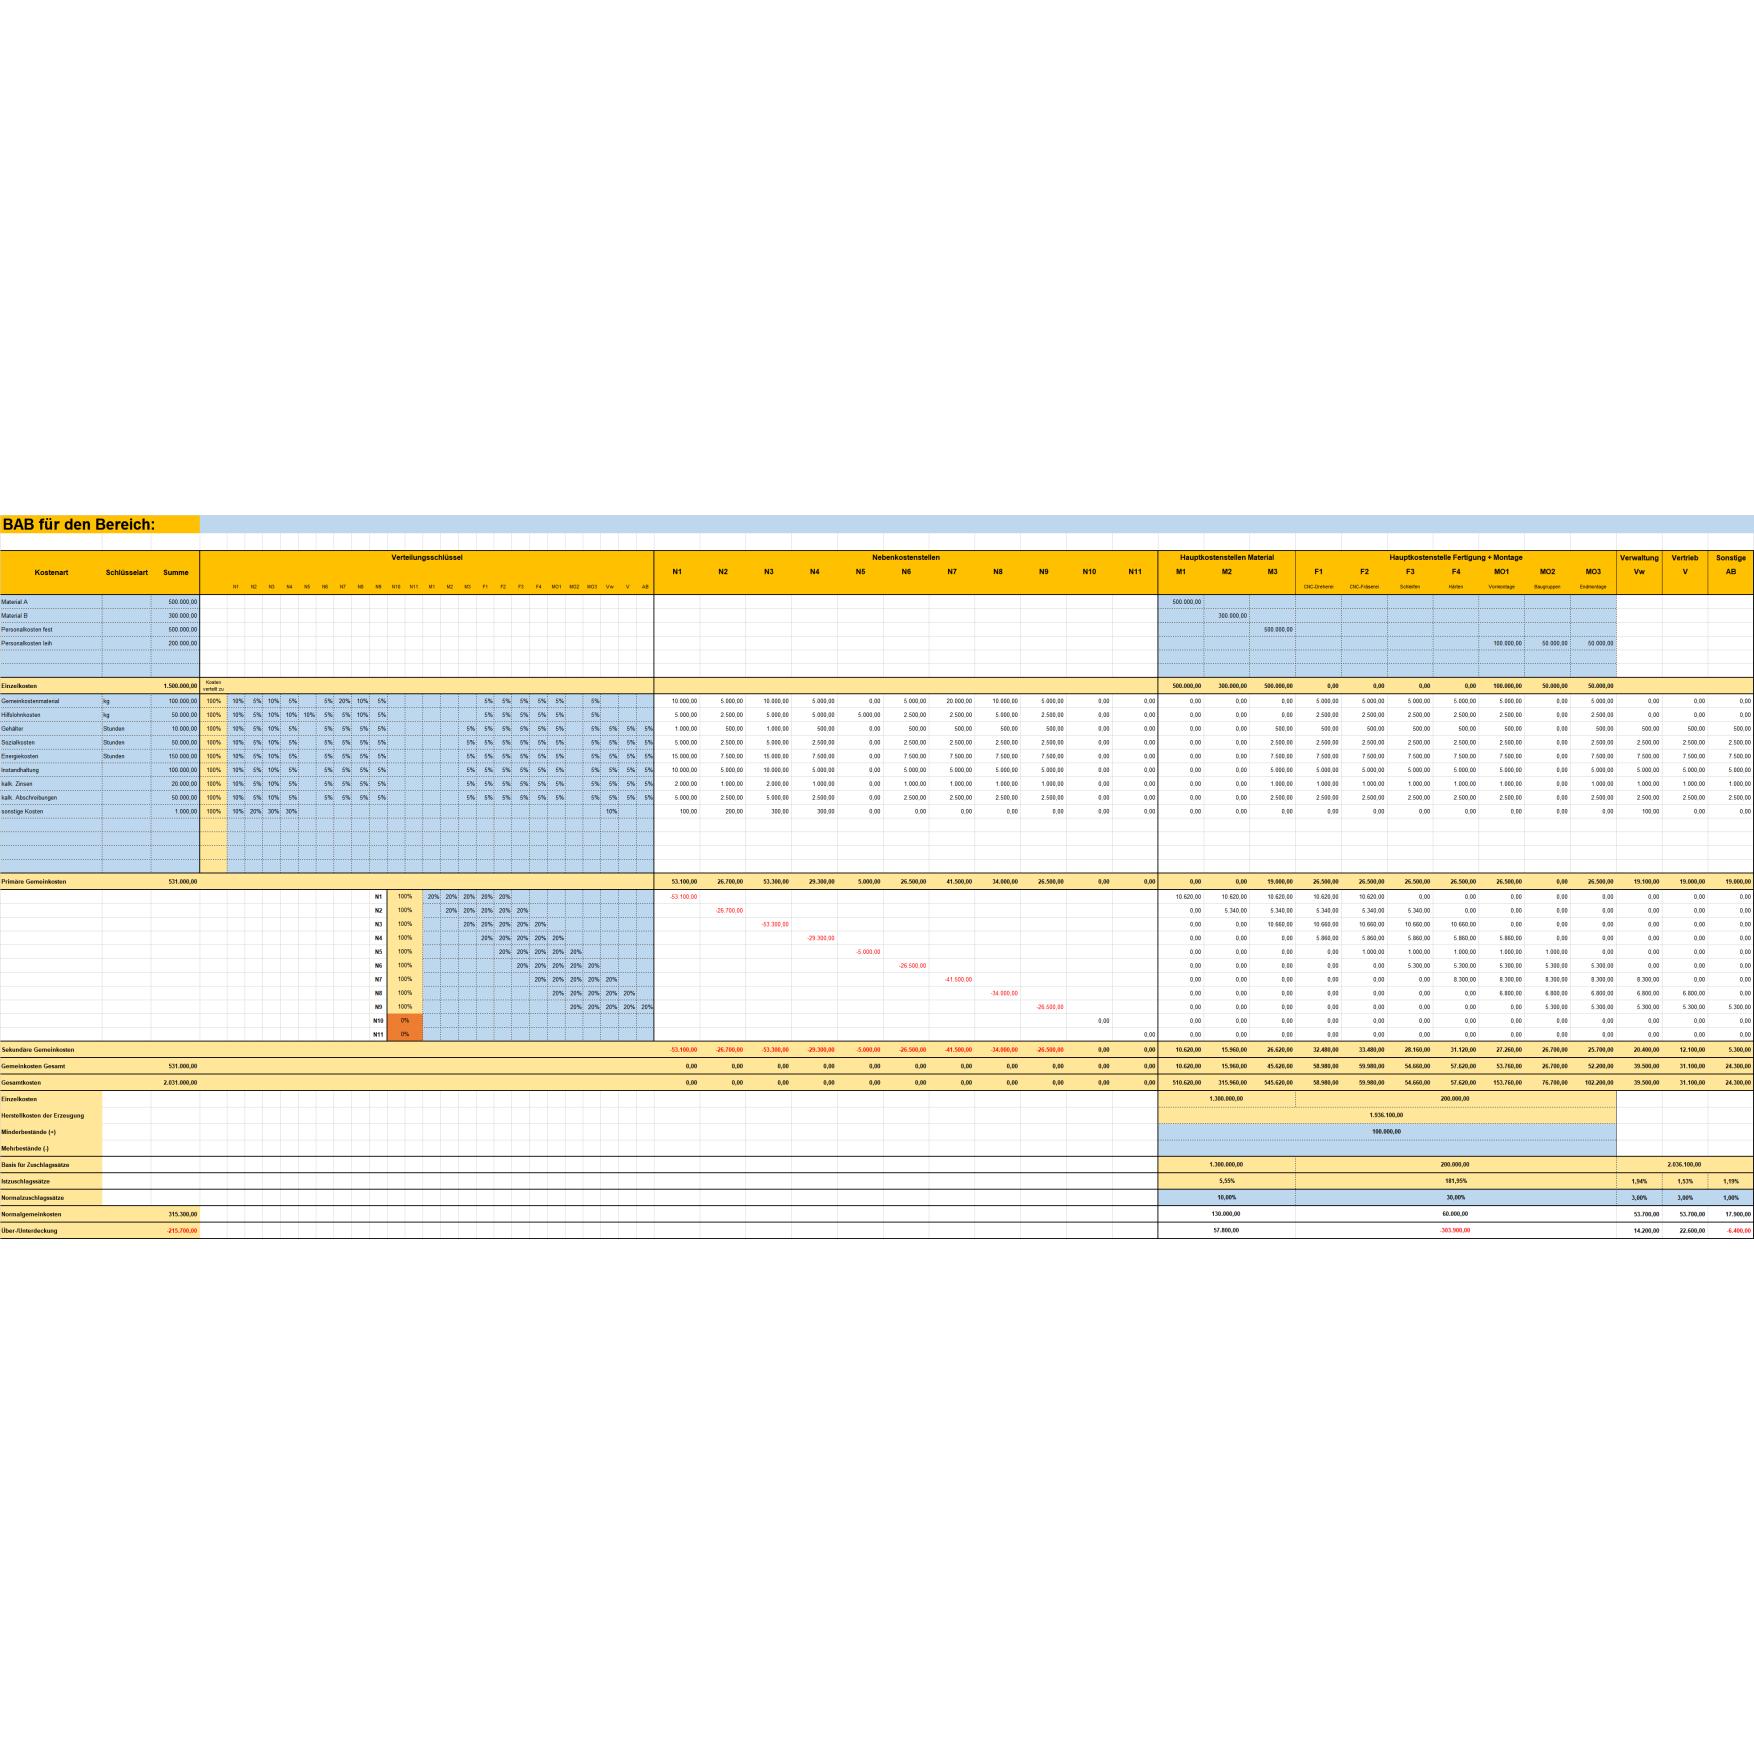 betriebsabrechnungsbogen bab anbauverfahren erweitert. Black Bedroom Furniture Sets. Home Design Ideas